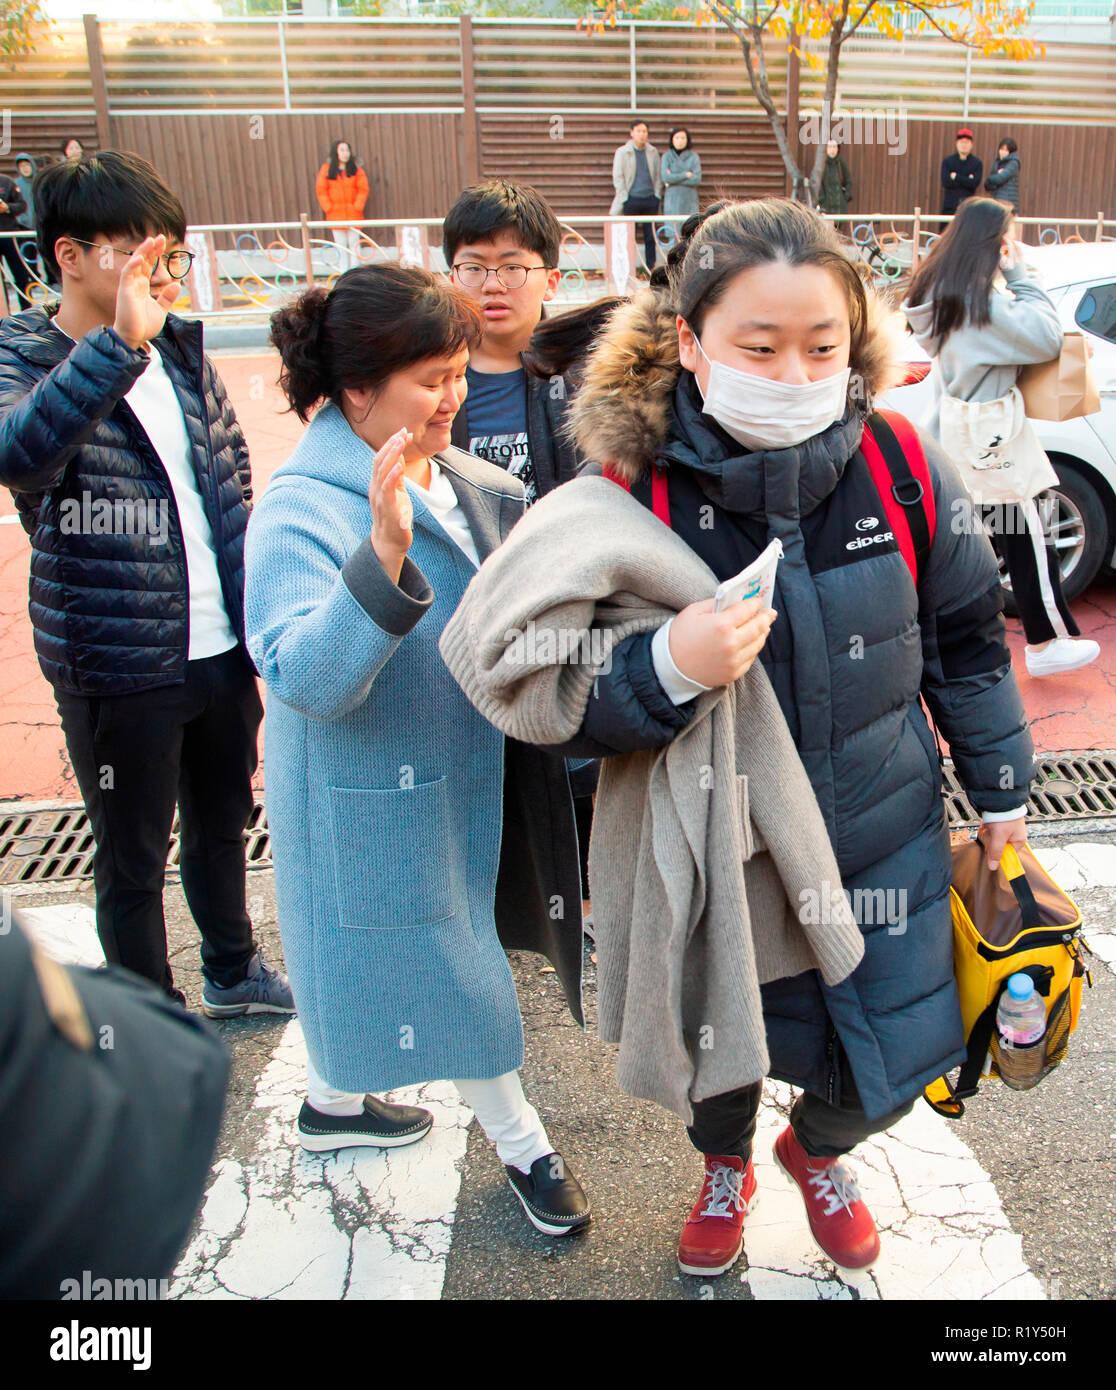 Busan, Séoul, Corée du Sud. 15 Nov 2018. Une mère (2e L) encourage sa fille (R), un lycéen comme les jeunes frères voir son arrêt en face d'une salle d'examen de l'examen d'entrée à l'université nationale de Pusan, environ 420 km (261 milles) au sud-est de Séoul, Corée du Sud. La Corée du Sud a tenu l'examen d'entrée à l'université annuelle nationale, le Collège Scholastic Aptitude Test (CSAT) le jeudi et environ 540 000 candidats ont passé l'examen pour cette année. Credit: Lee Jae-Won/AFLO/Alamy Live News Photo Stock